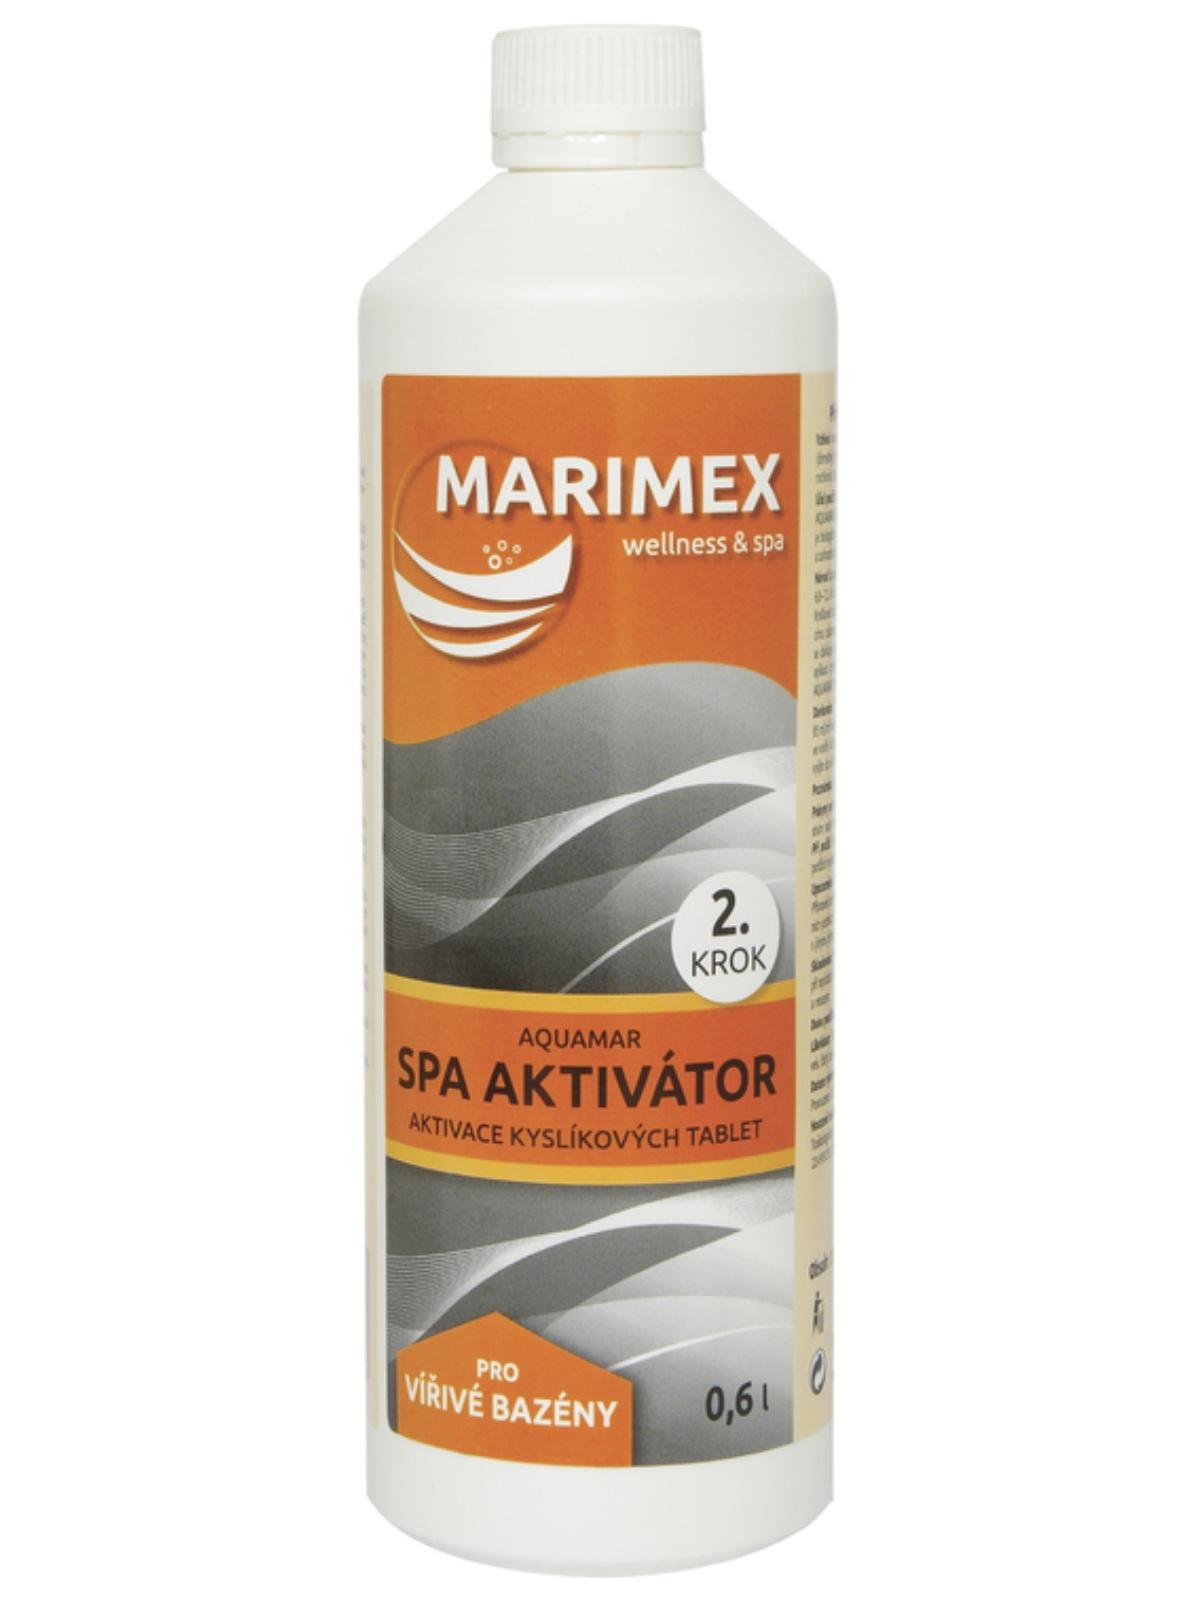 MARIMEX Aquamar Spa Aktivátor 0,6 l